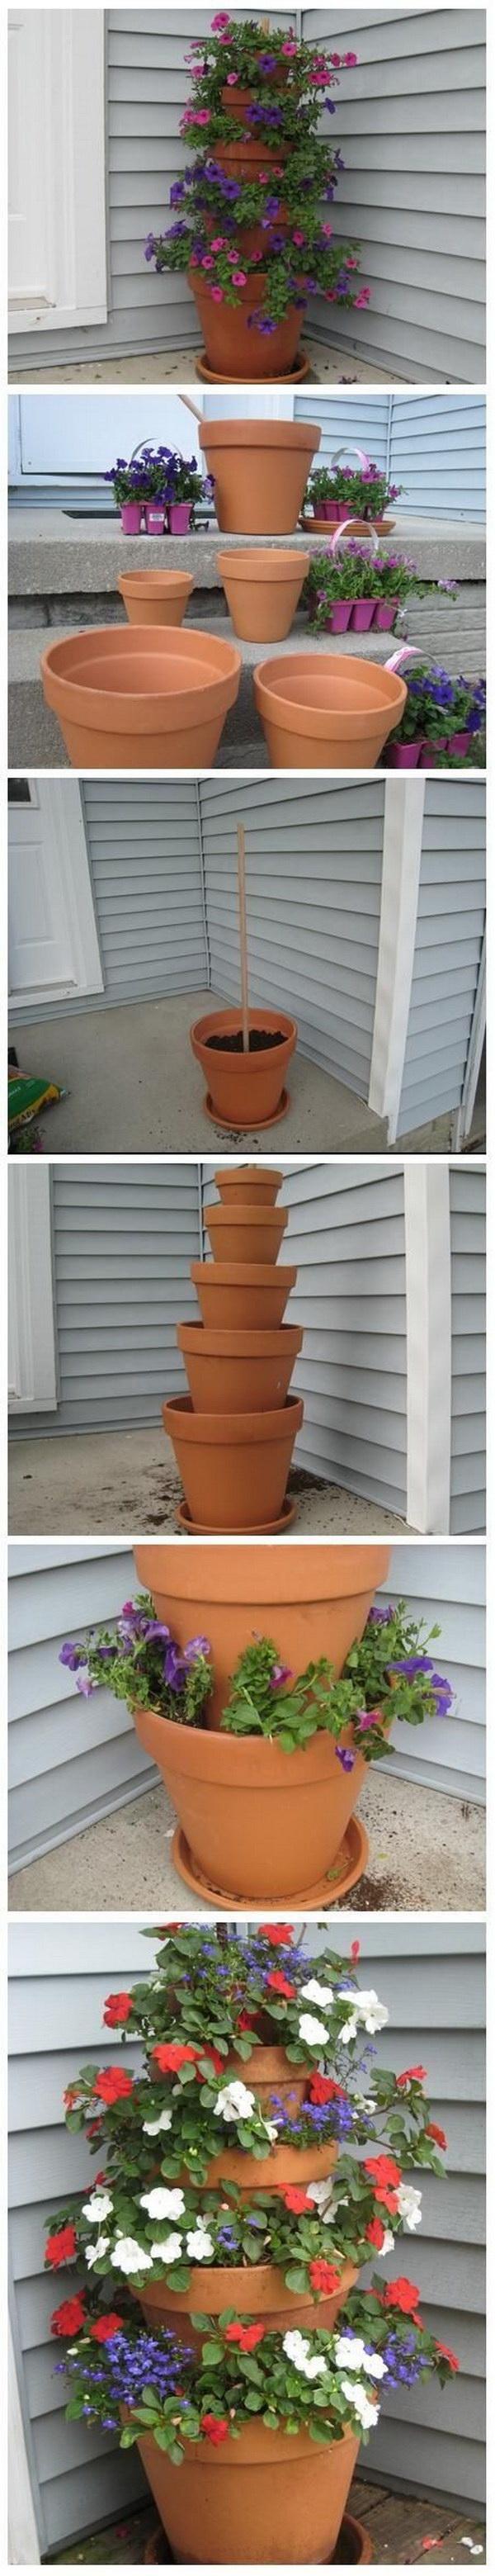 DIY Terra Cotta Pot Flower Garden Tower.